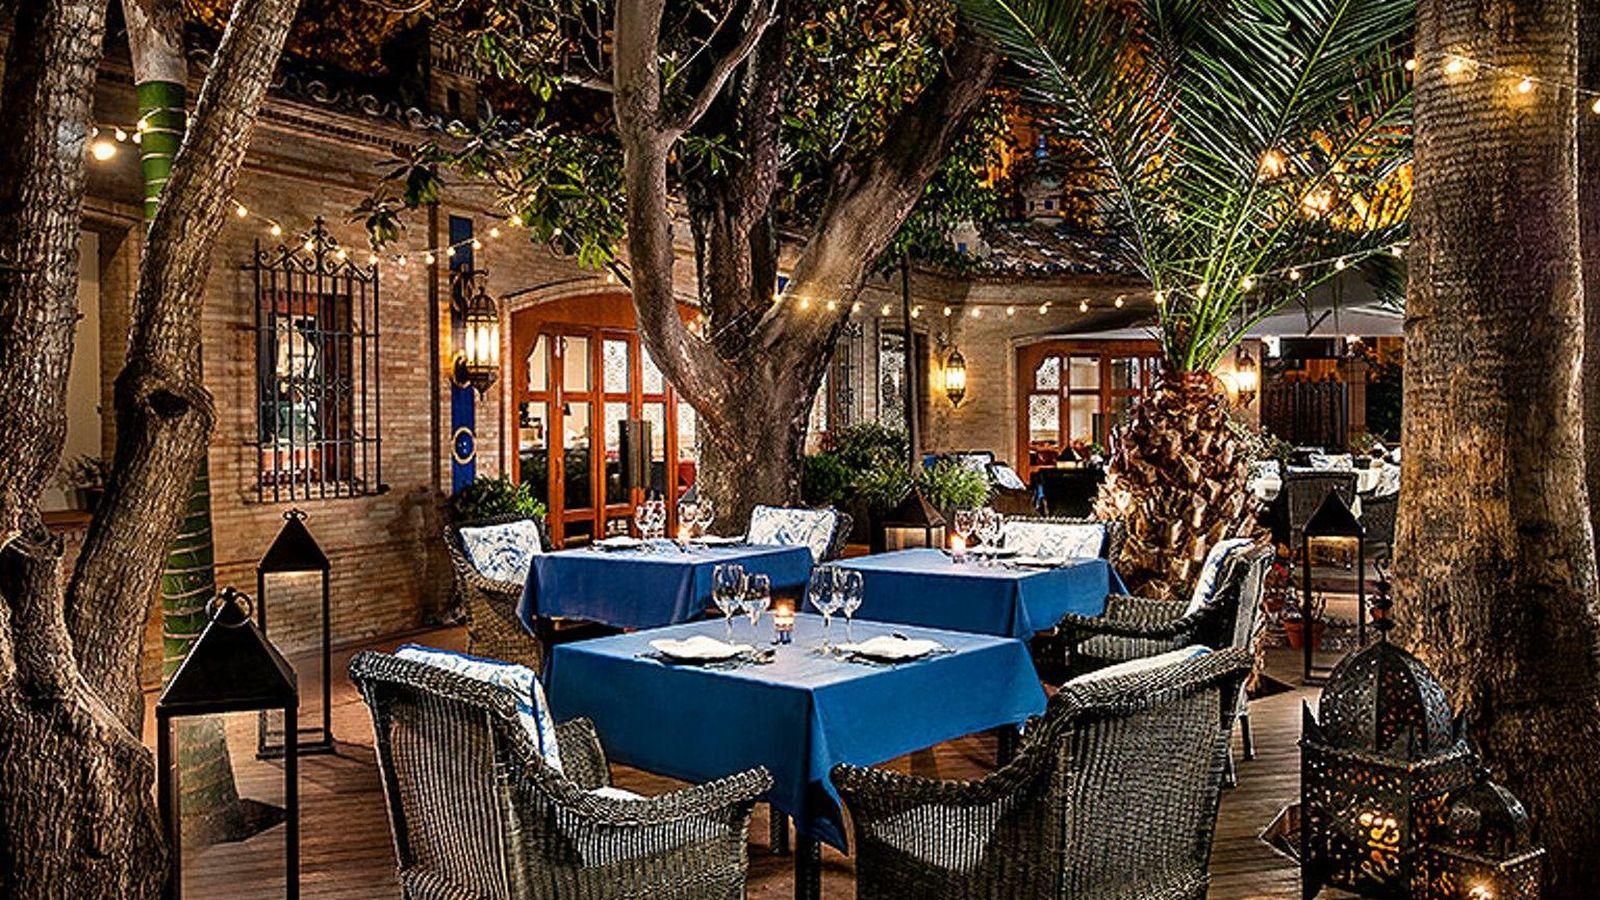 Gastronom a en hoteles 5 terrazas en hoteles 5 estrellas - Hotel salamanca 5 estrellas ...